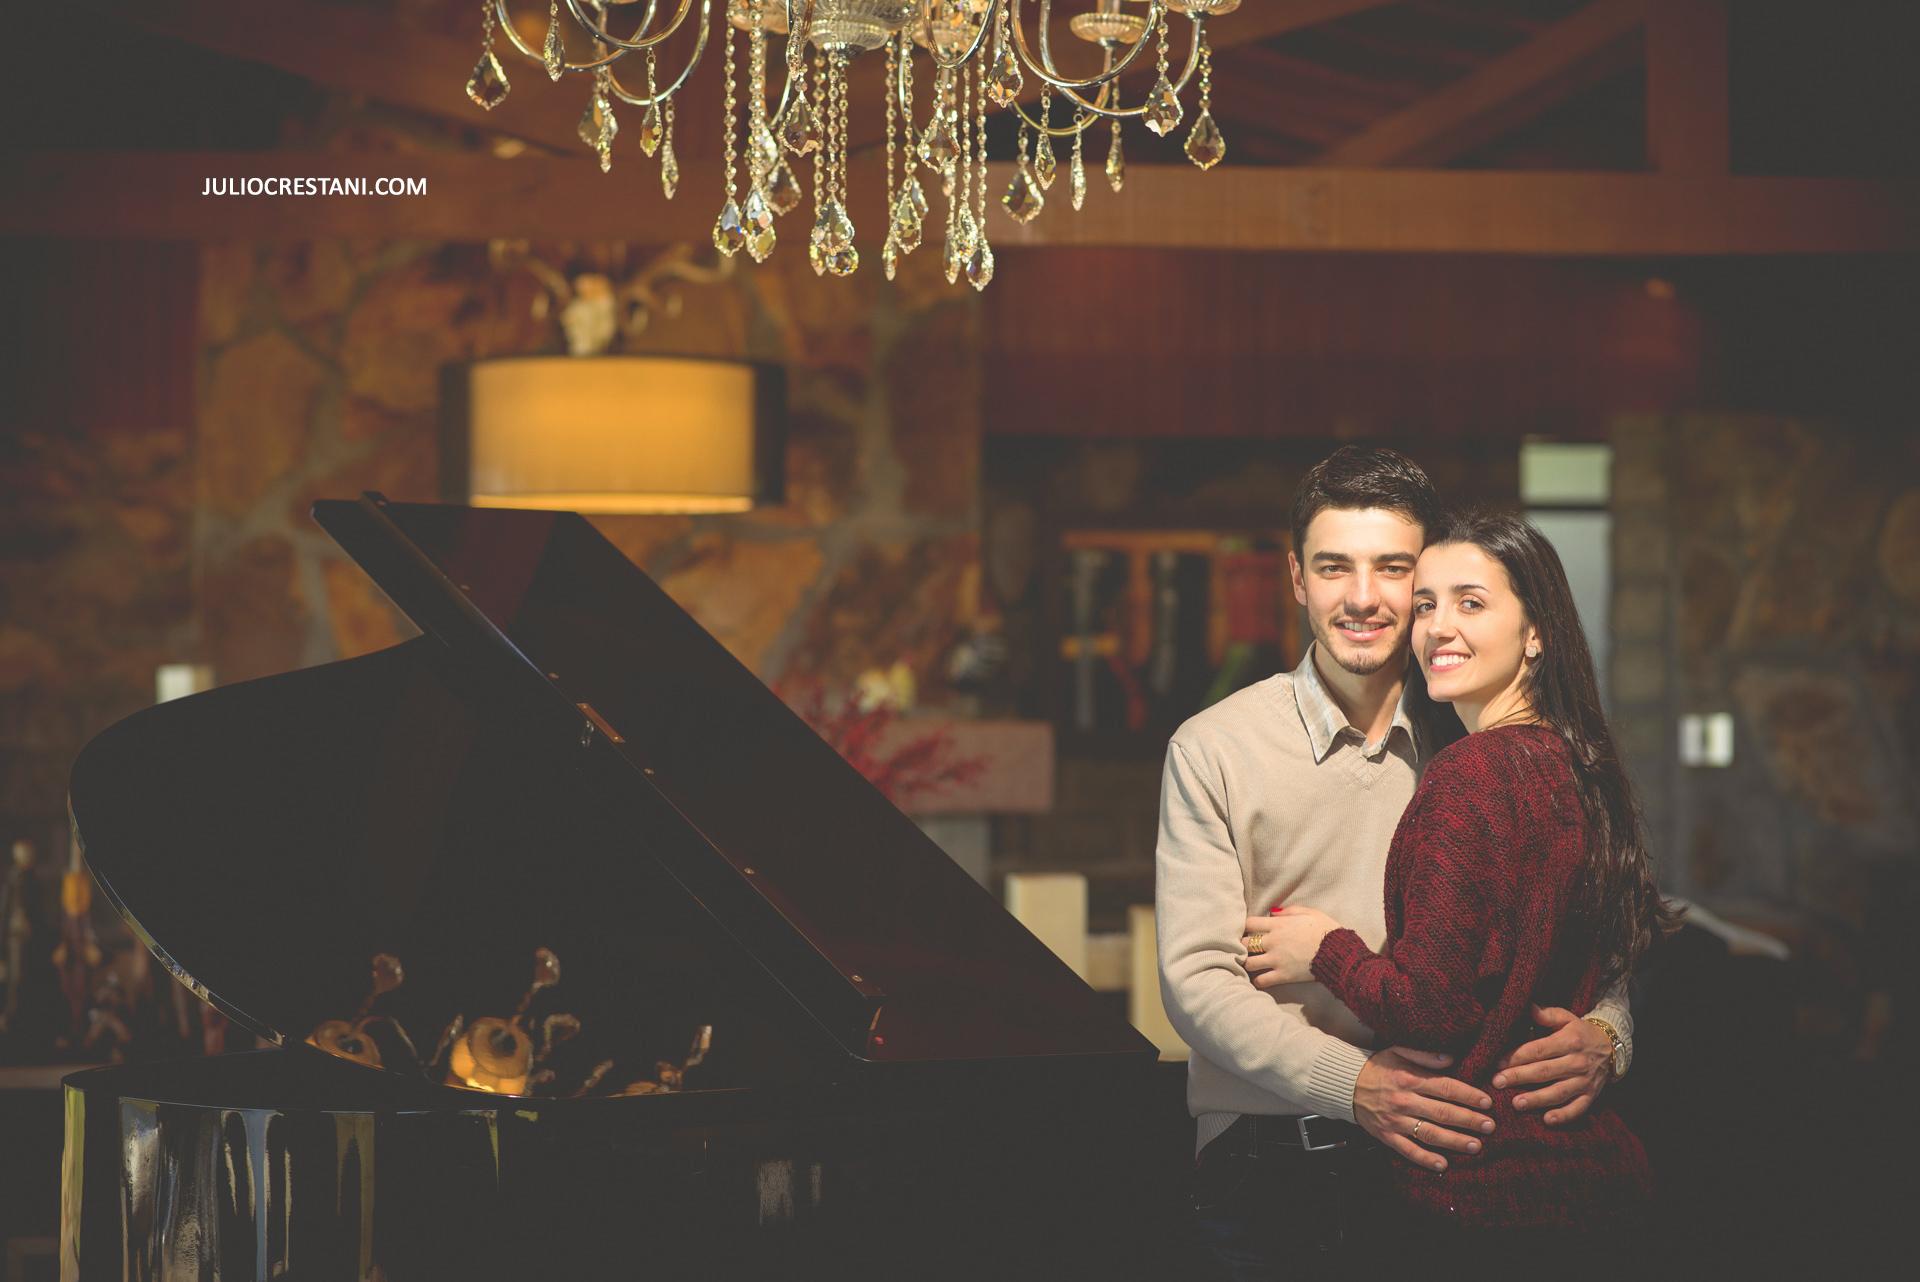 como-escolher-a-roupa-e-o-lugar-certo-para-fotos-pre-casamento-12